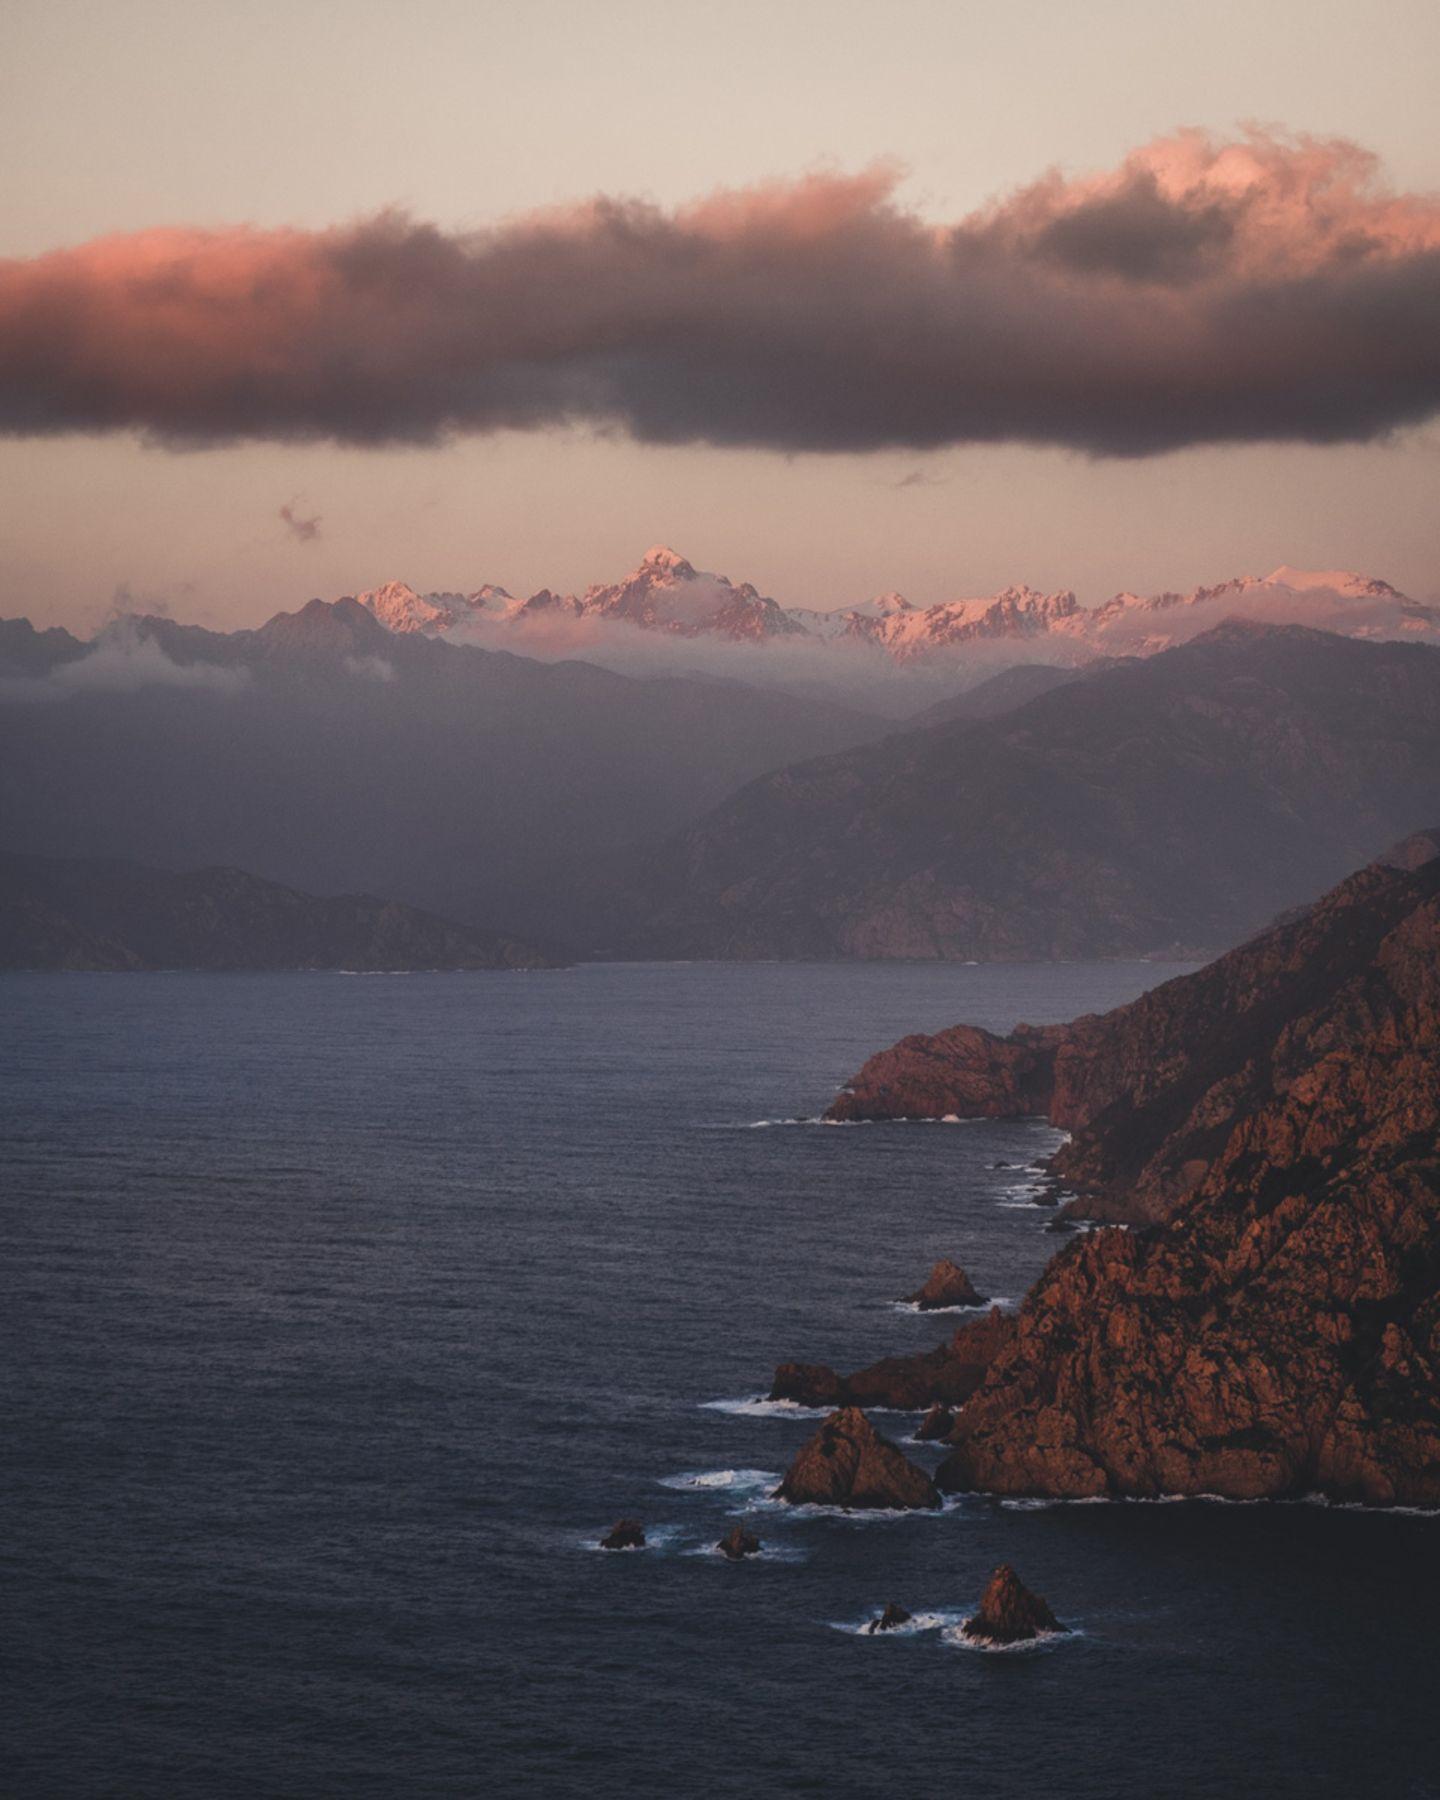 Paglia Orba, Korsika